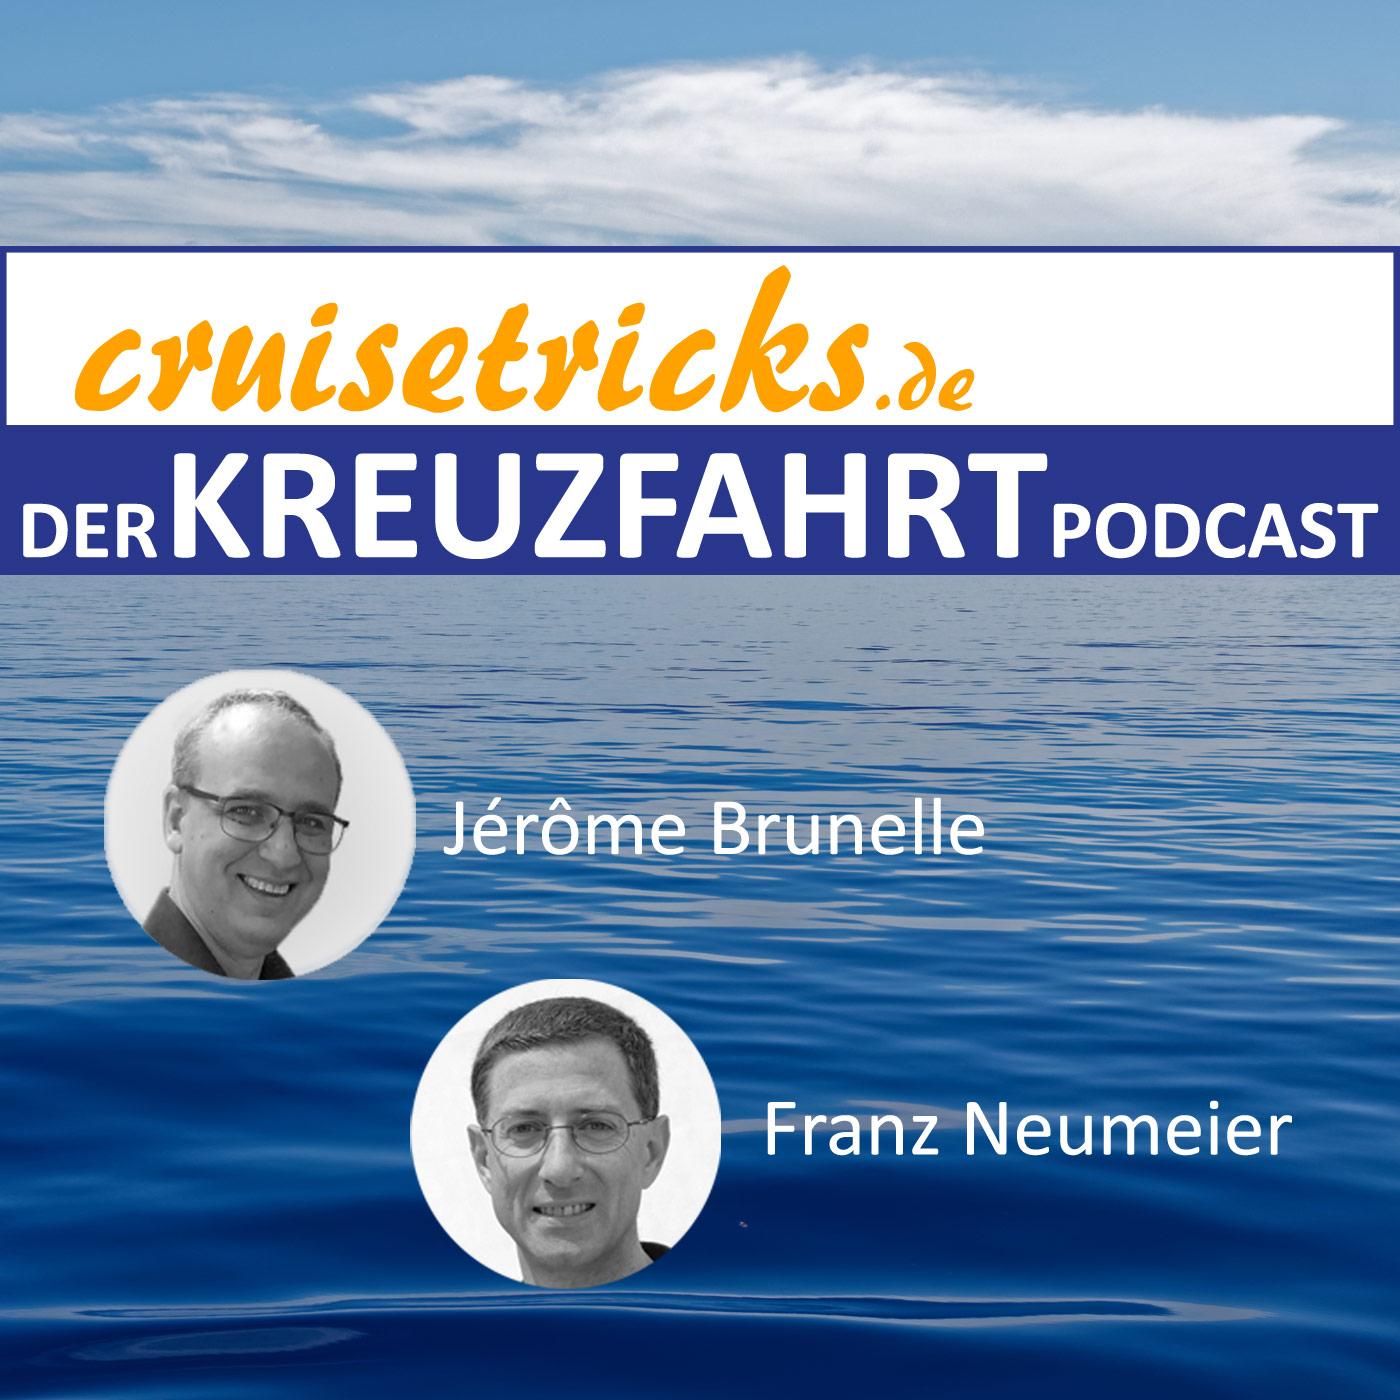 Podfanatic Podcast Cruisetricksde Der Kreuzfahrt